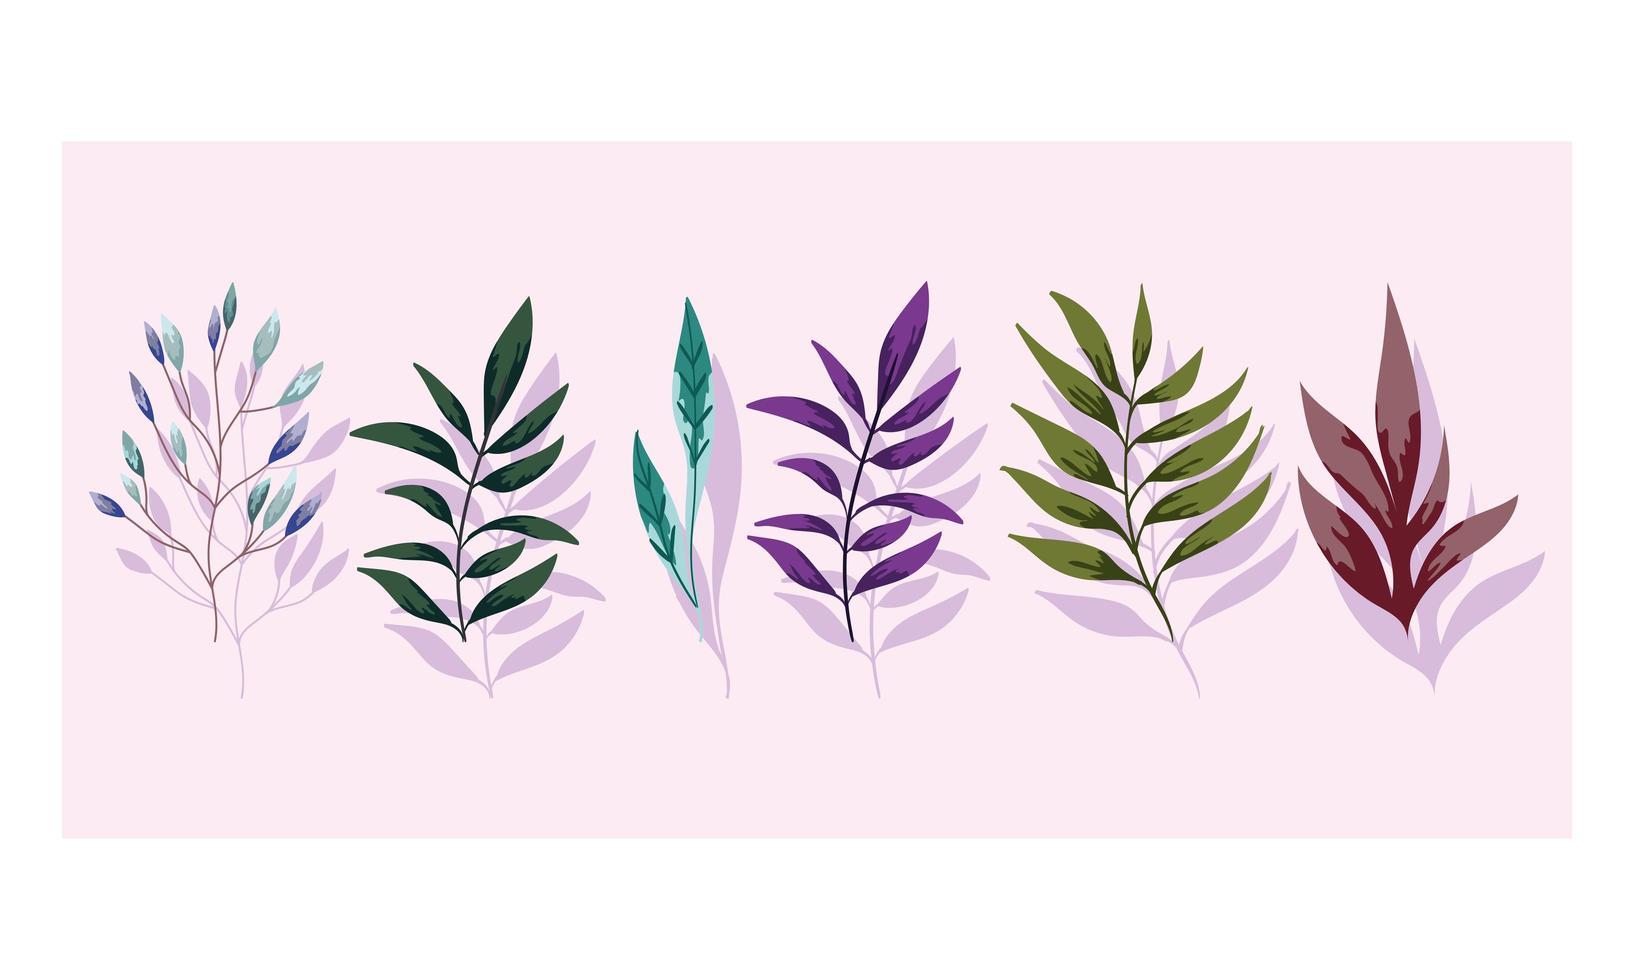 ramas de follaje. flora vegetación naturaleza diseño vector